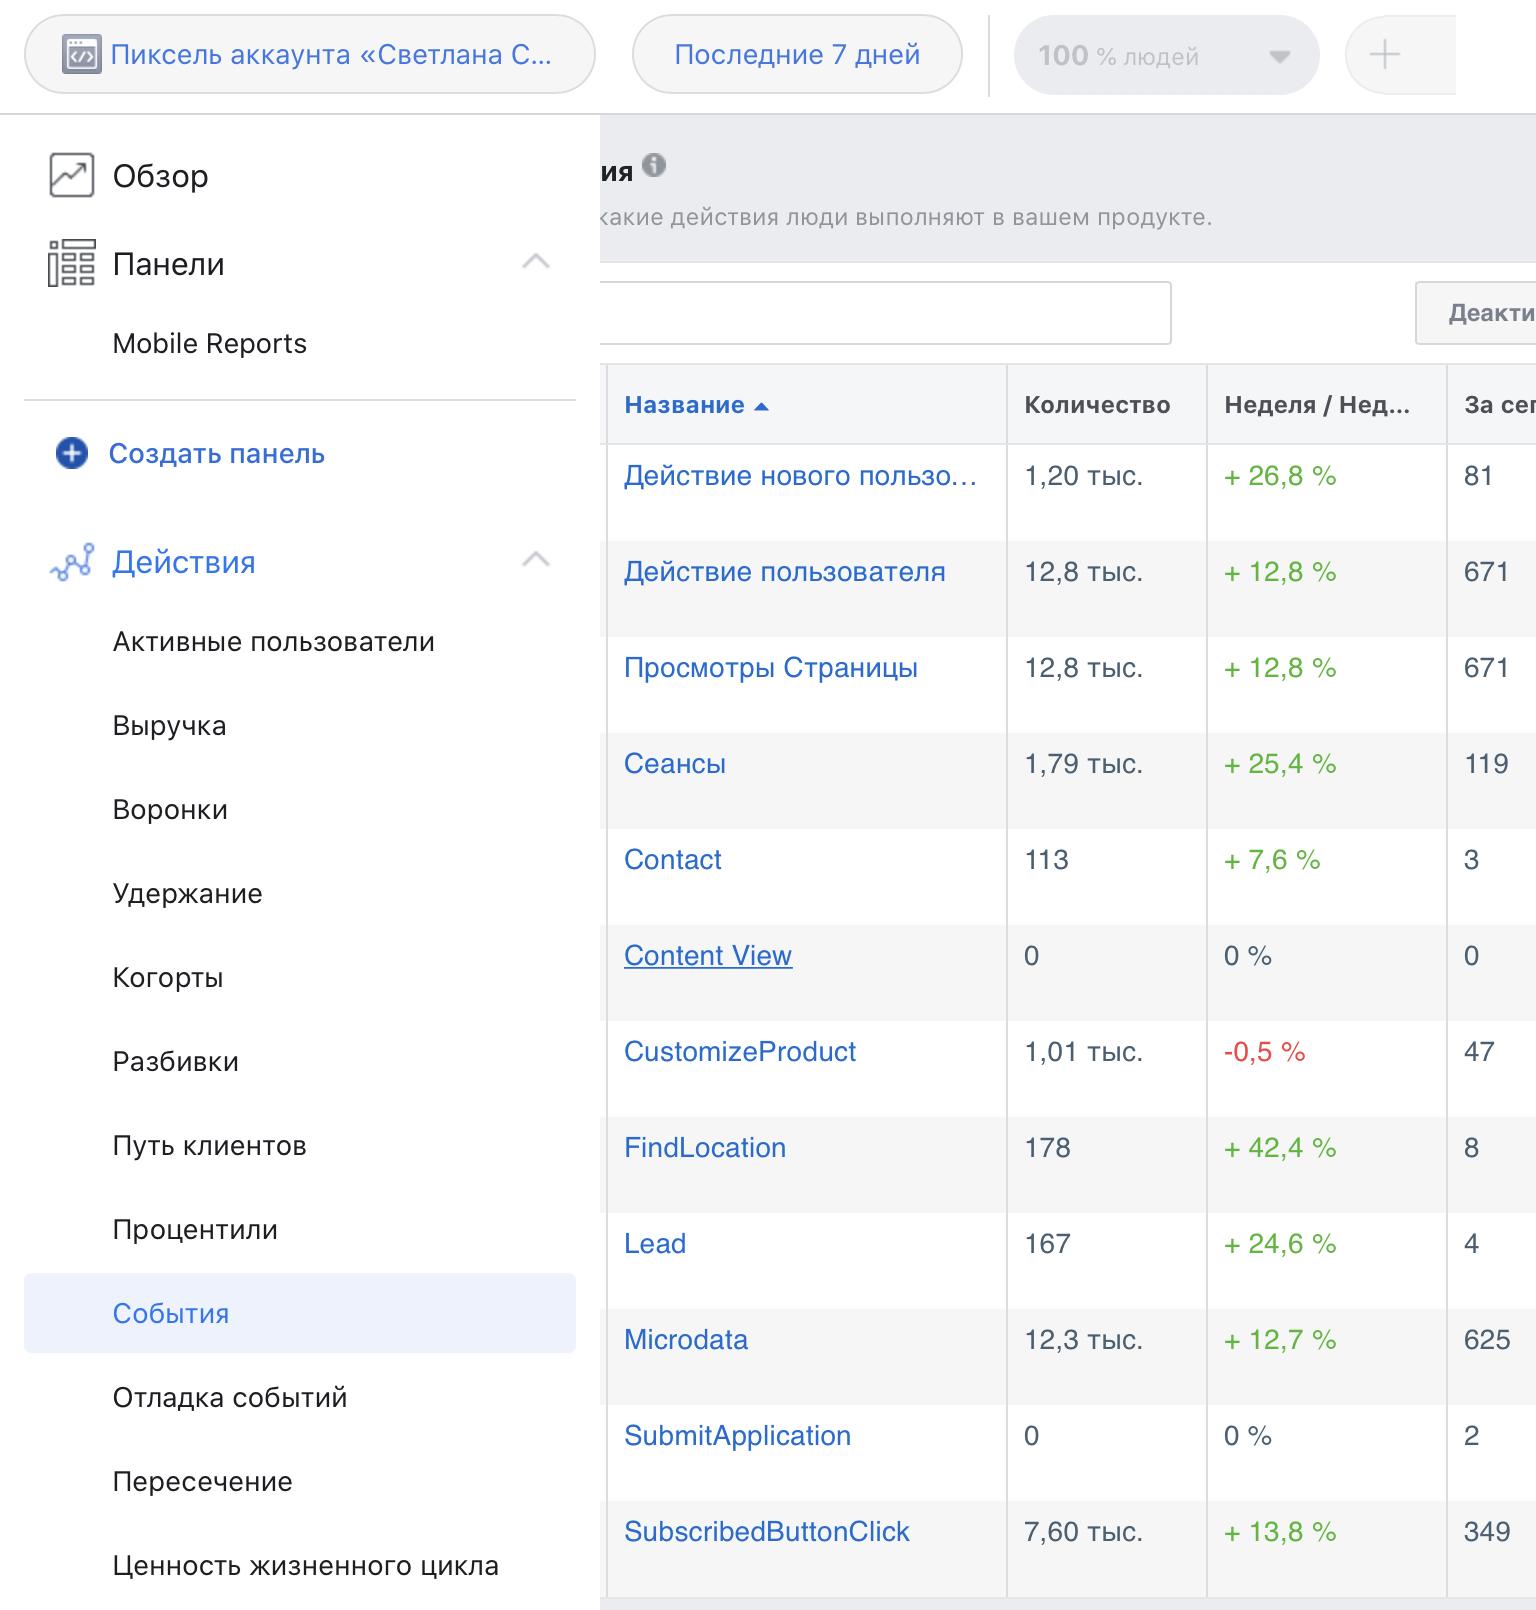 Фото Настройка Фейсбук пикселя, проверка регистраций конверсий. Создание рекламных объявлений Фейсбук/Инстаграм, подбор аудитории, A/B тестирование, запуск рекламы, предоставление аналитики и отчетов по конверсии.